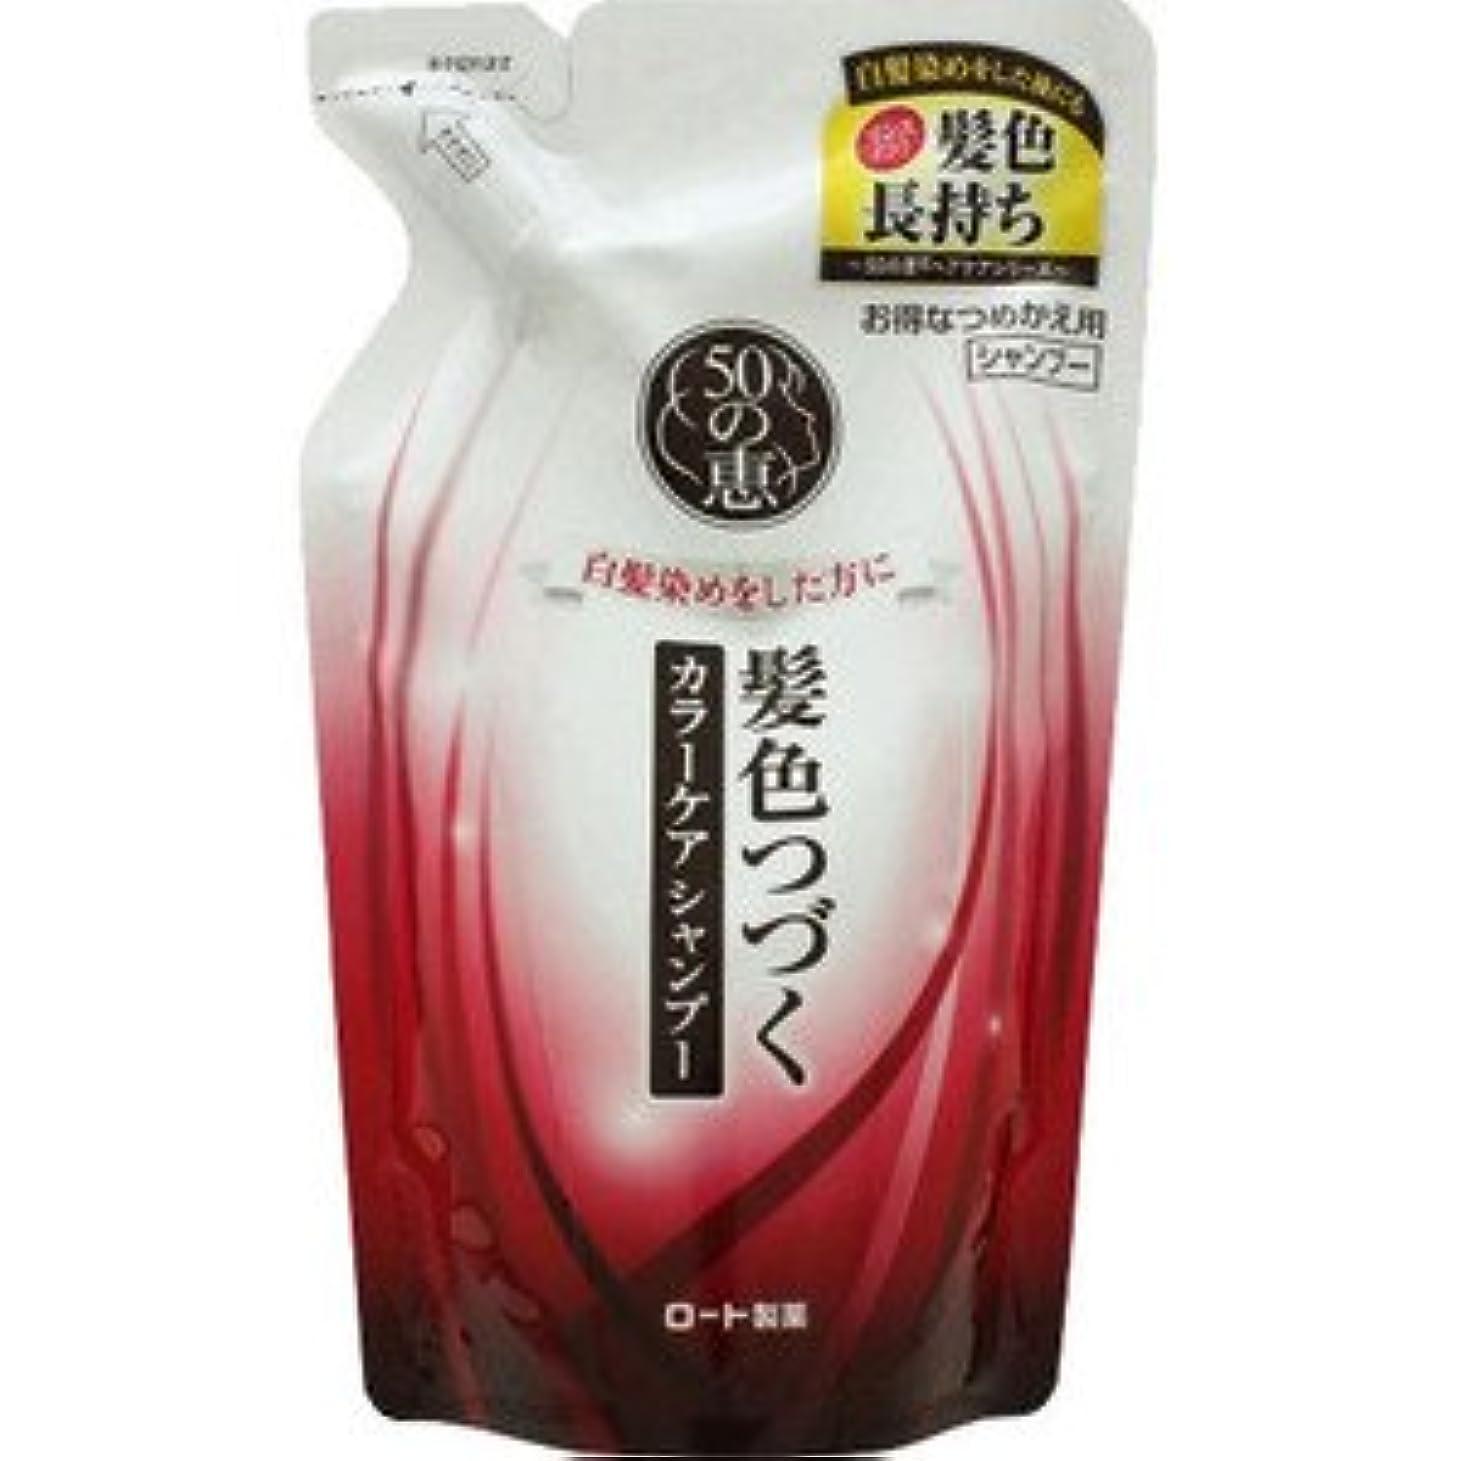 エクスタシー正確に競合他社選手(ロート製薬)50の恵 髪色つづく カラーケア シャンプー(つめかえ用) 330ml(お買い得3個セット)